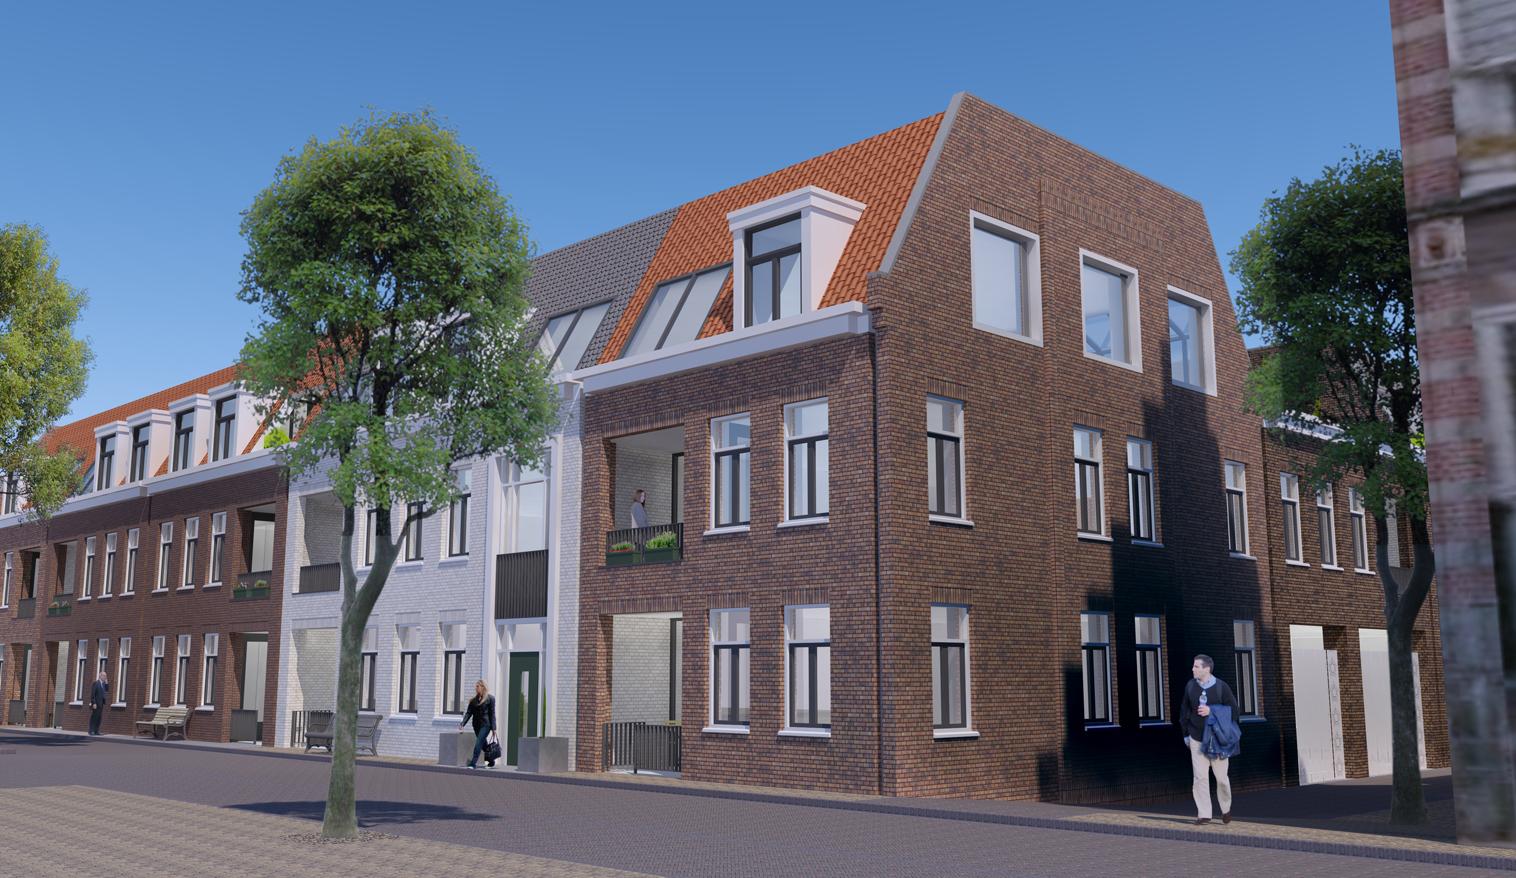 06 OPL Architecten_Aliantus Naarden-1516×878-72dpi